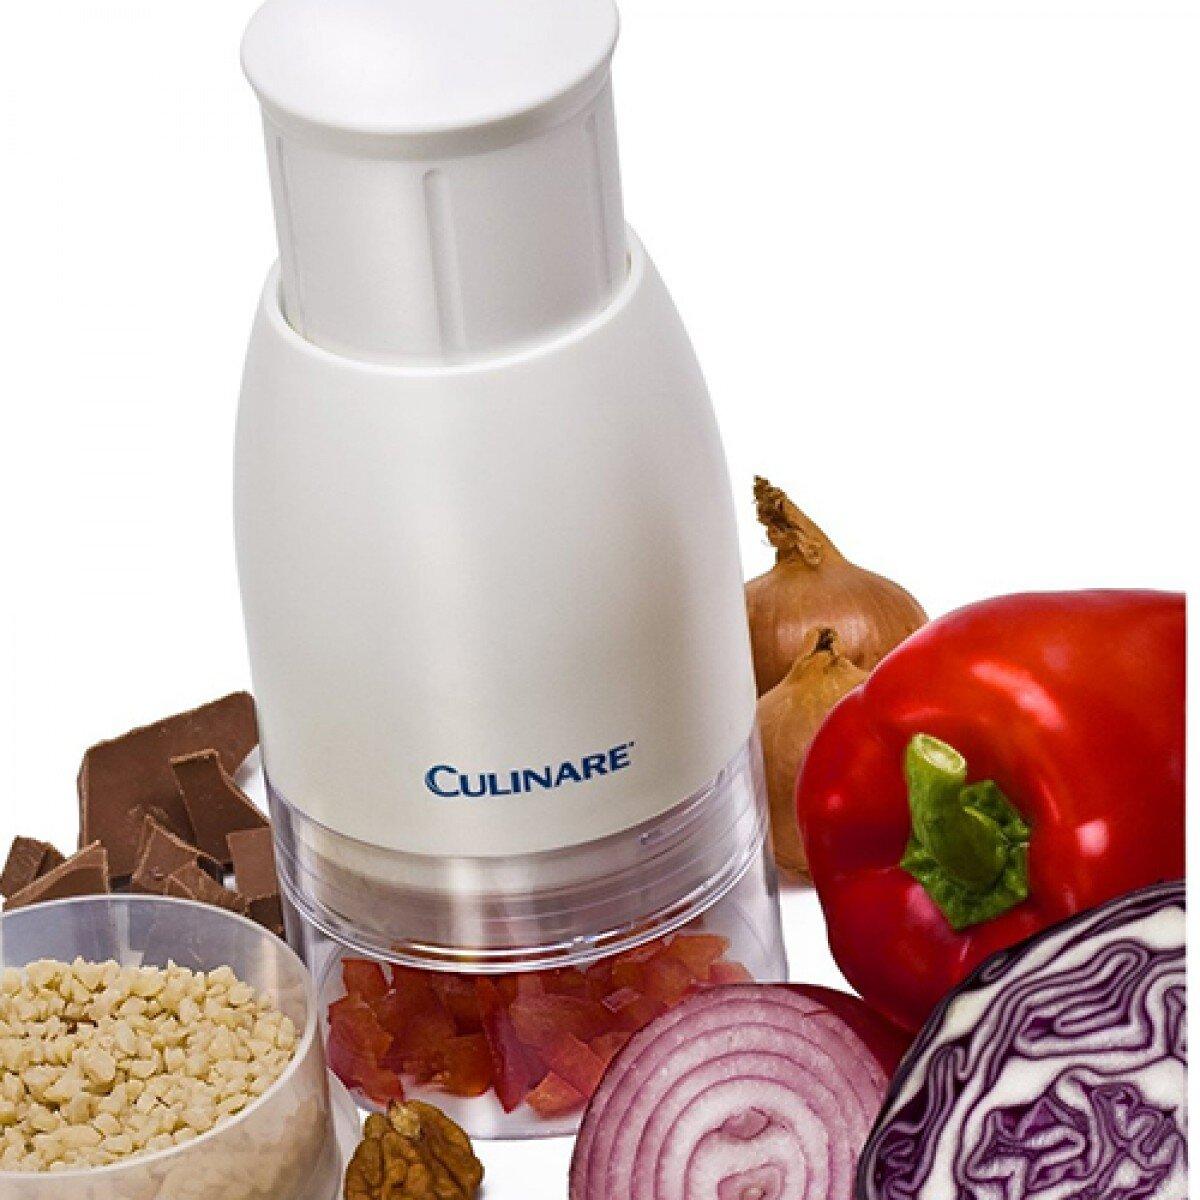 Dụng cụ băm cắt thực phẩm Culinare C12102